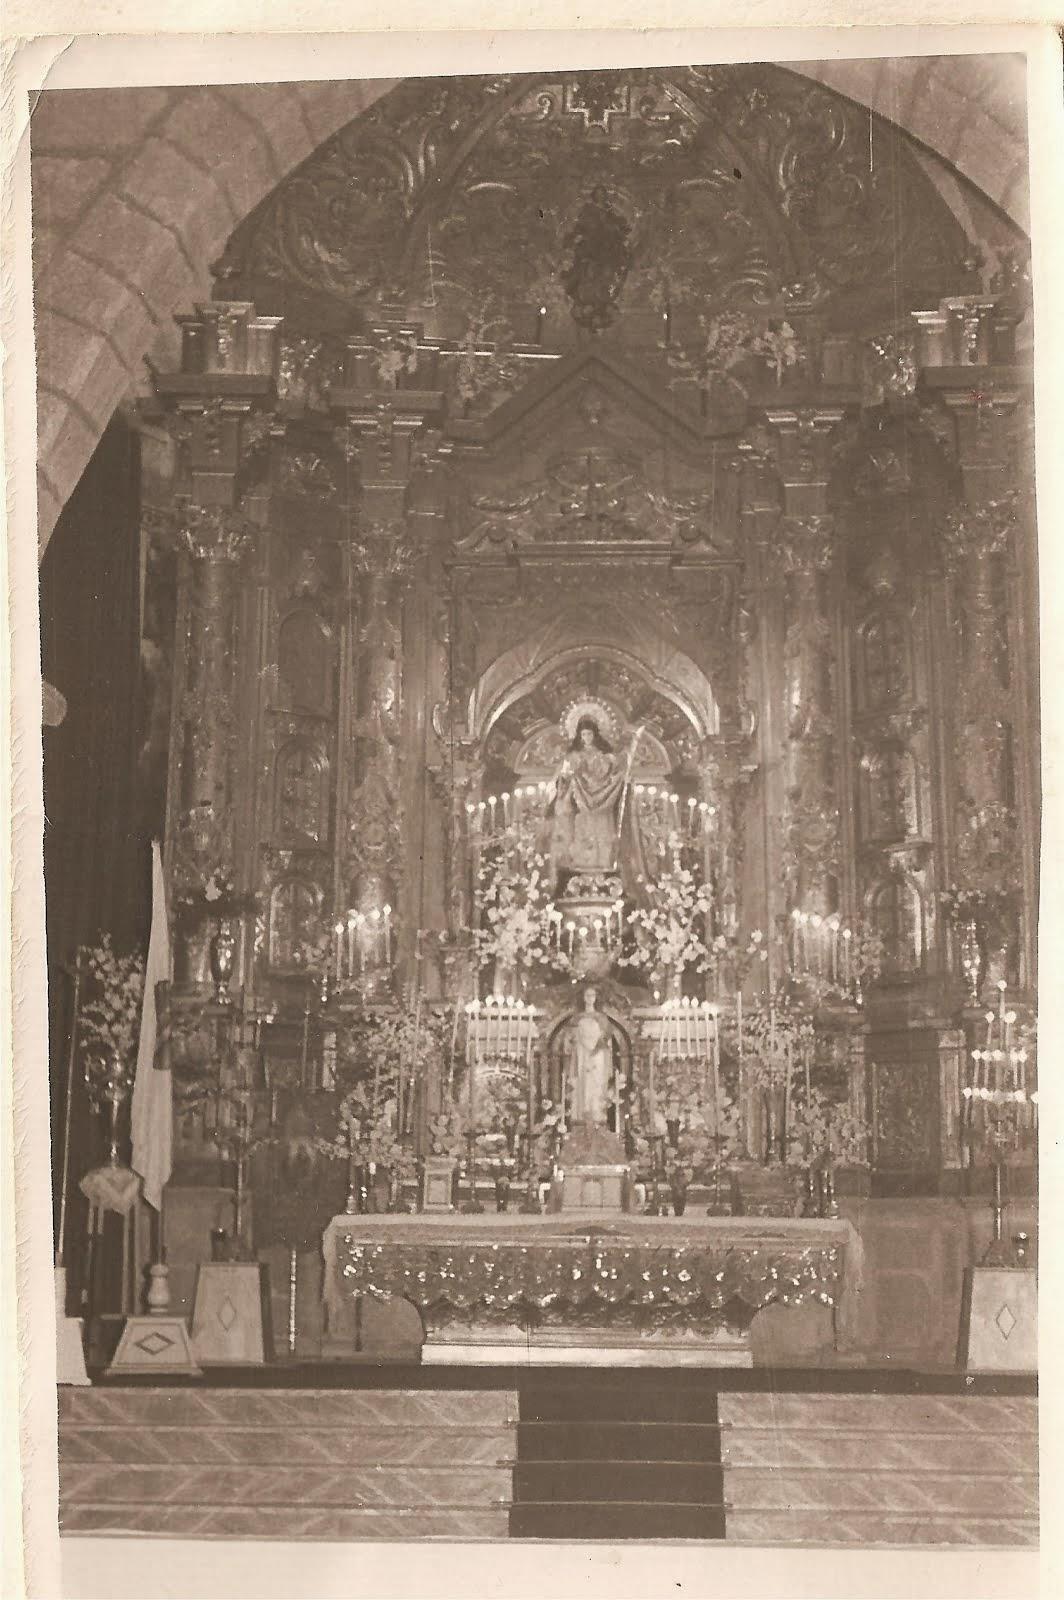 Retablo Mayor en hoy en Badajoz, Pareroquia de Santa Eulalia de Mérida.